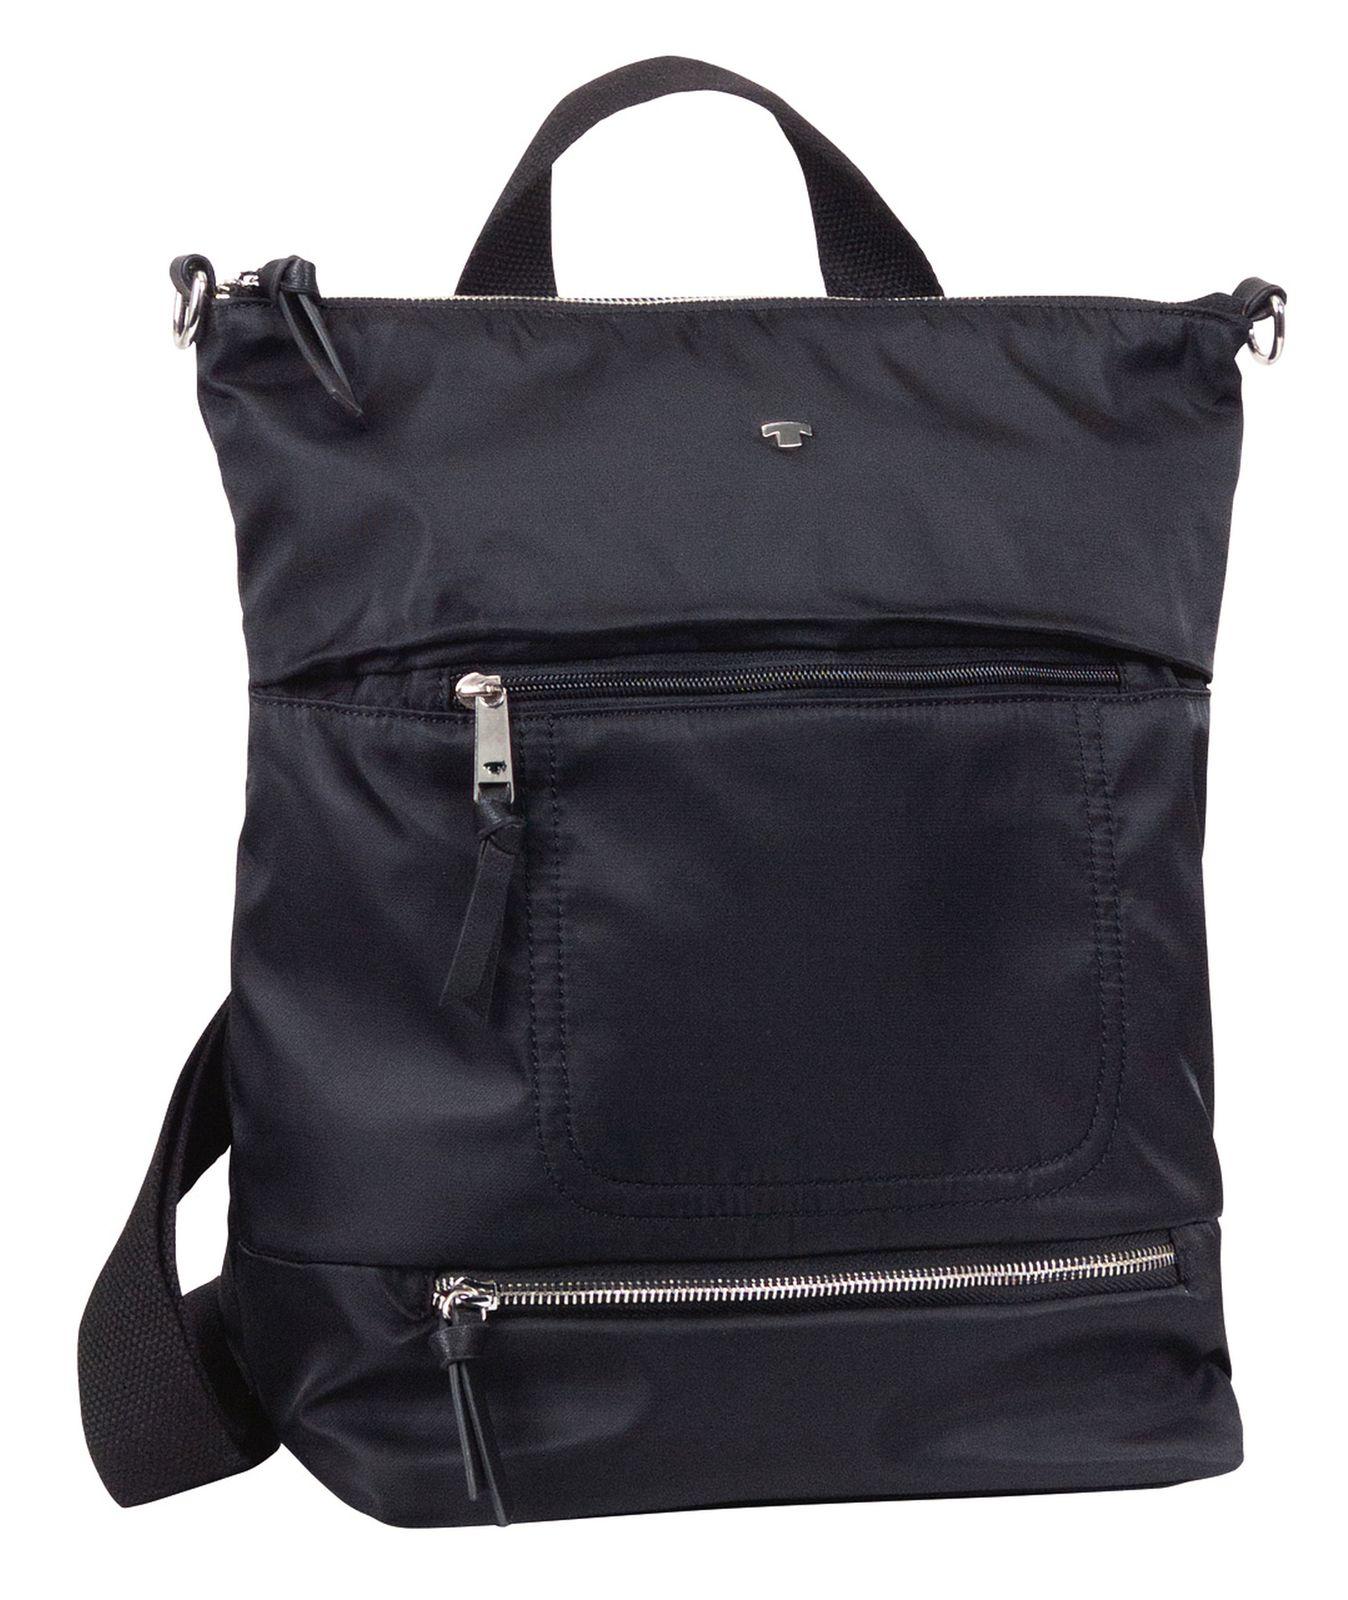 tom tailor becky backpack rucksack tasche black schwarz. Black Bedroom Furniture Sets. Home Design Ideas